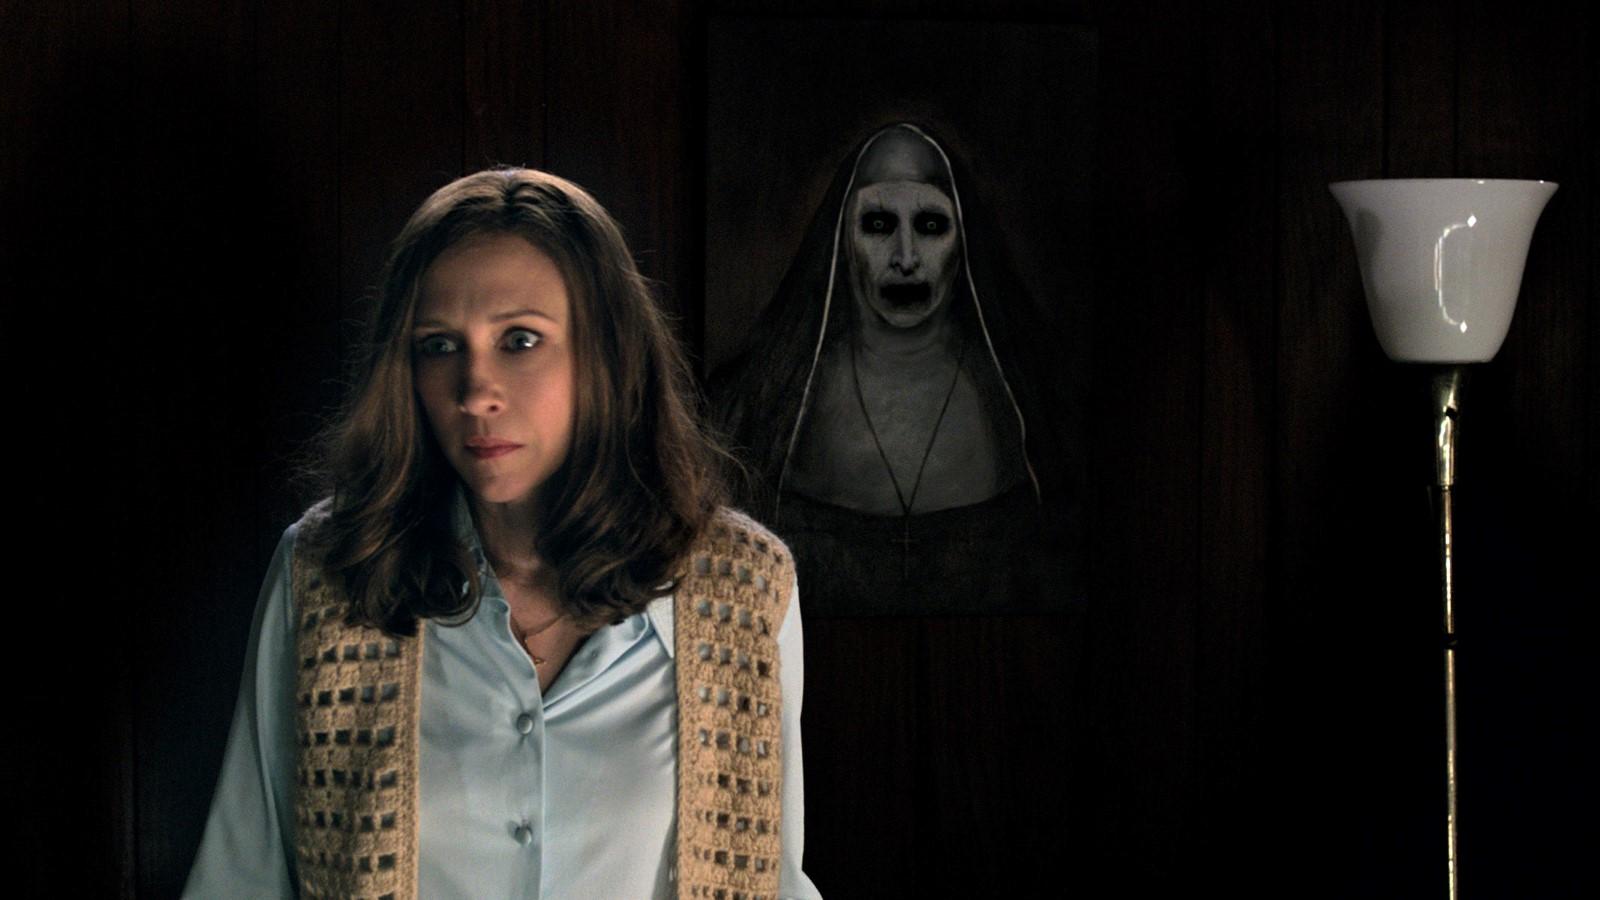 Conjuring 2 : James Wan dévoile à quoi aurait dû ressembler le démon du film - CinéSéries